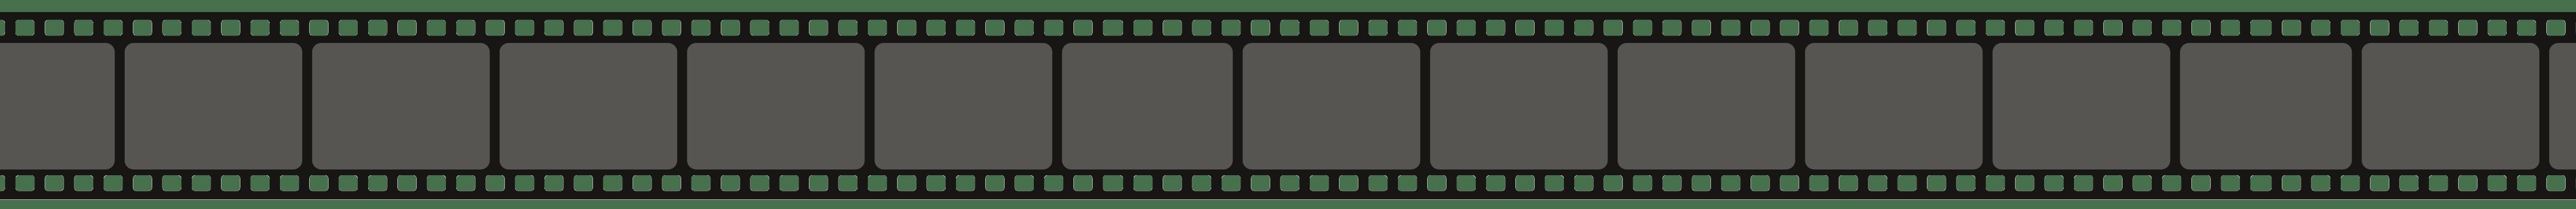 pellicola 35mm